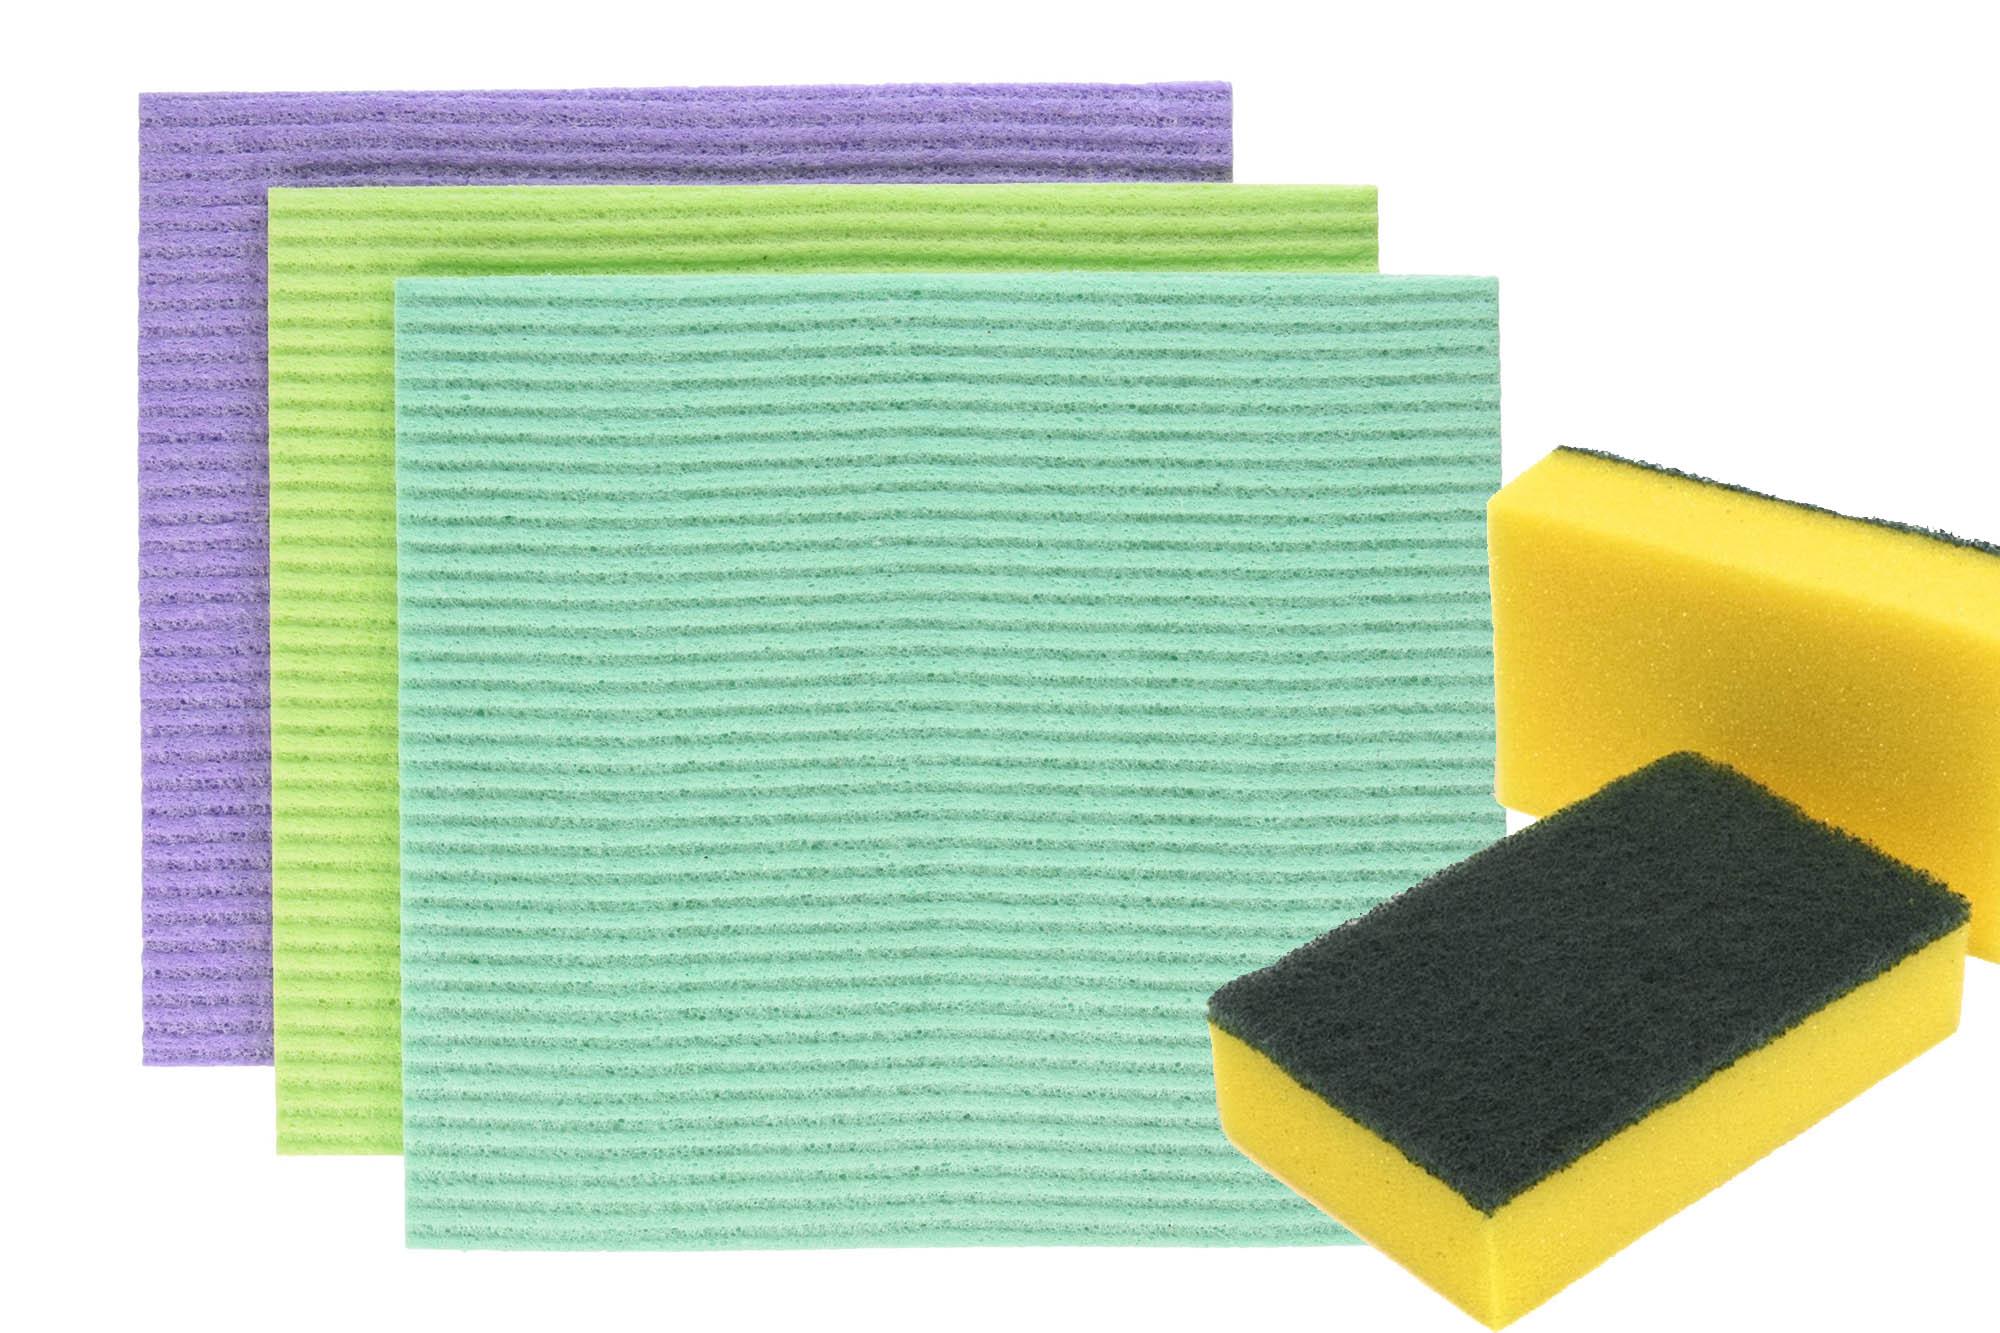 Clothes sponges